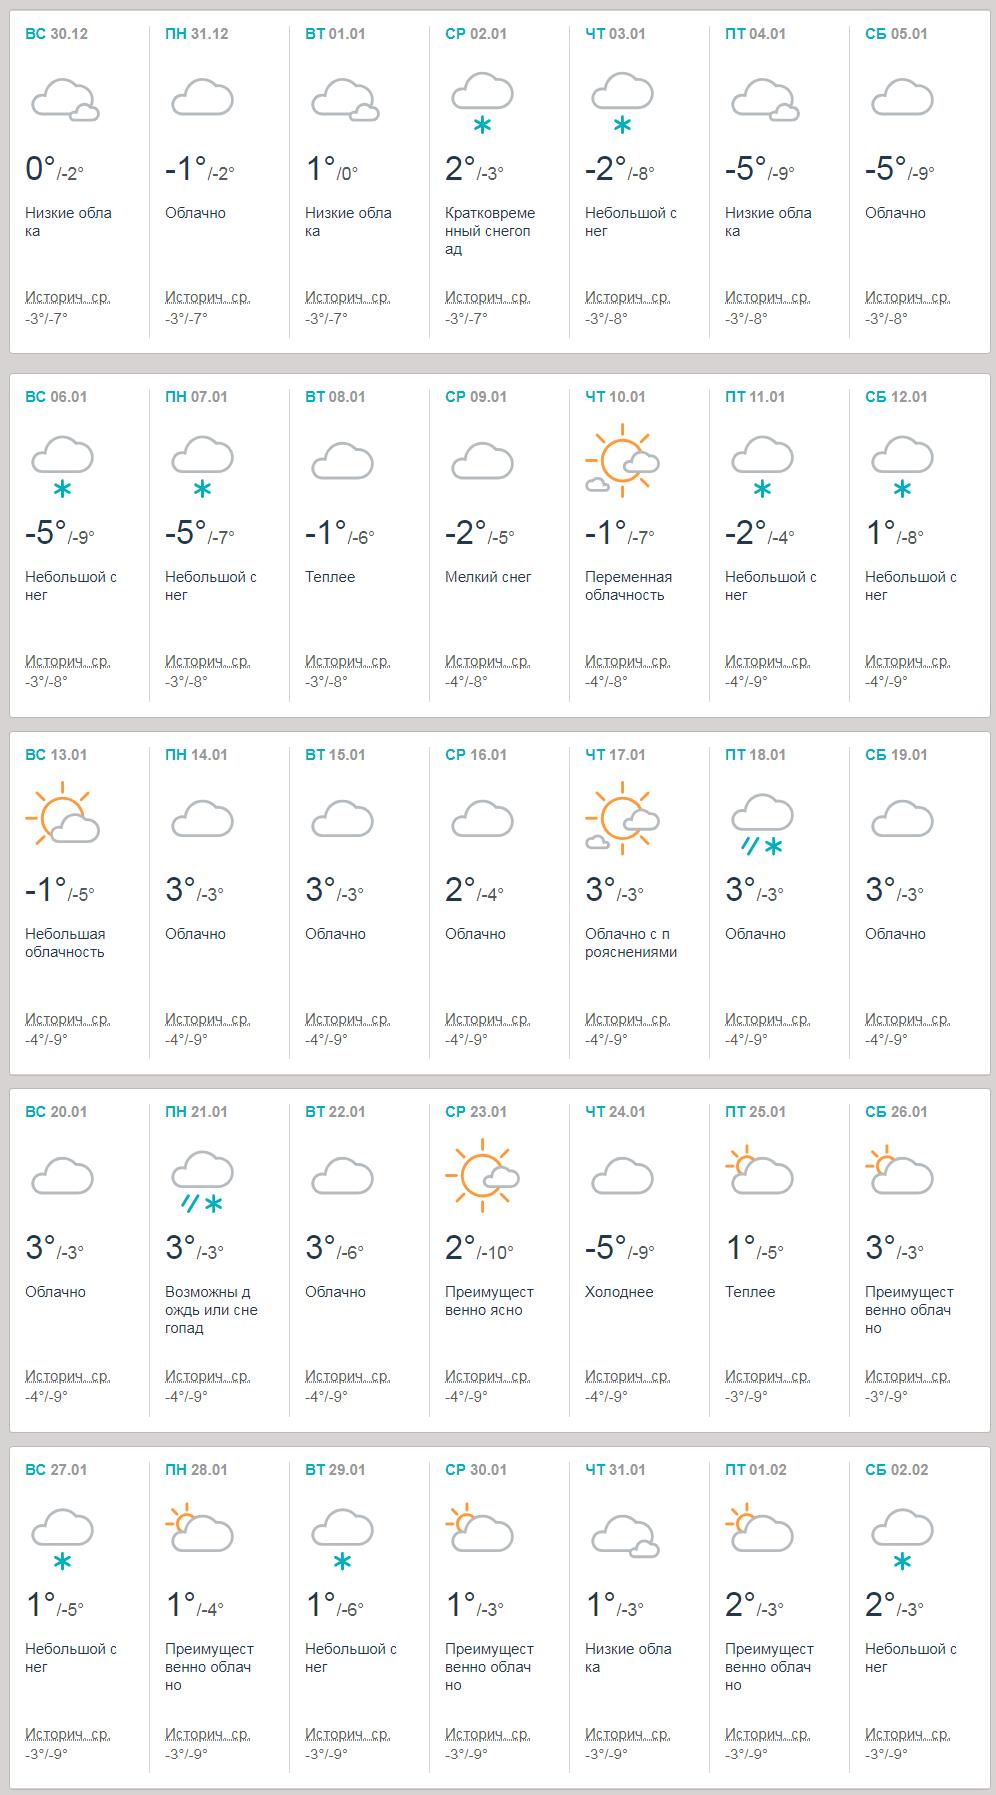 Прогноз погоды на январь 2019 от Accuweather